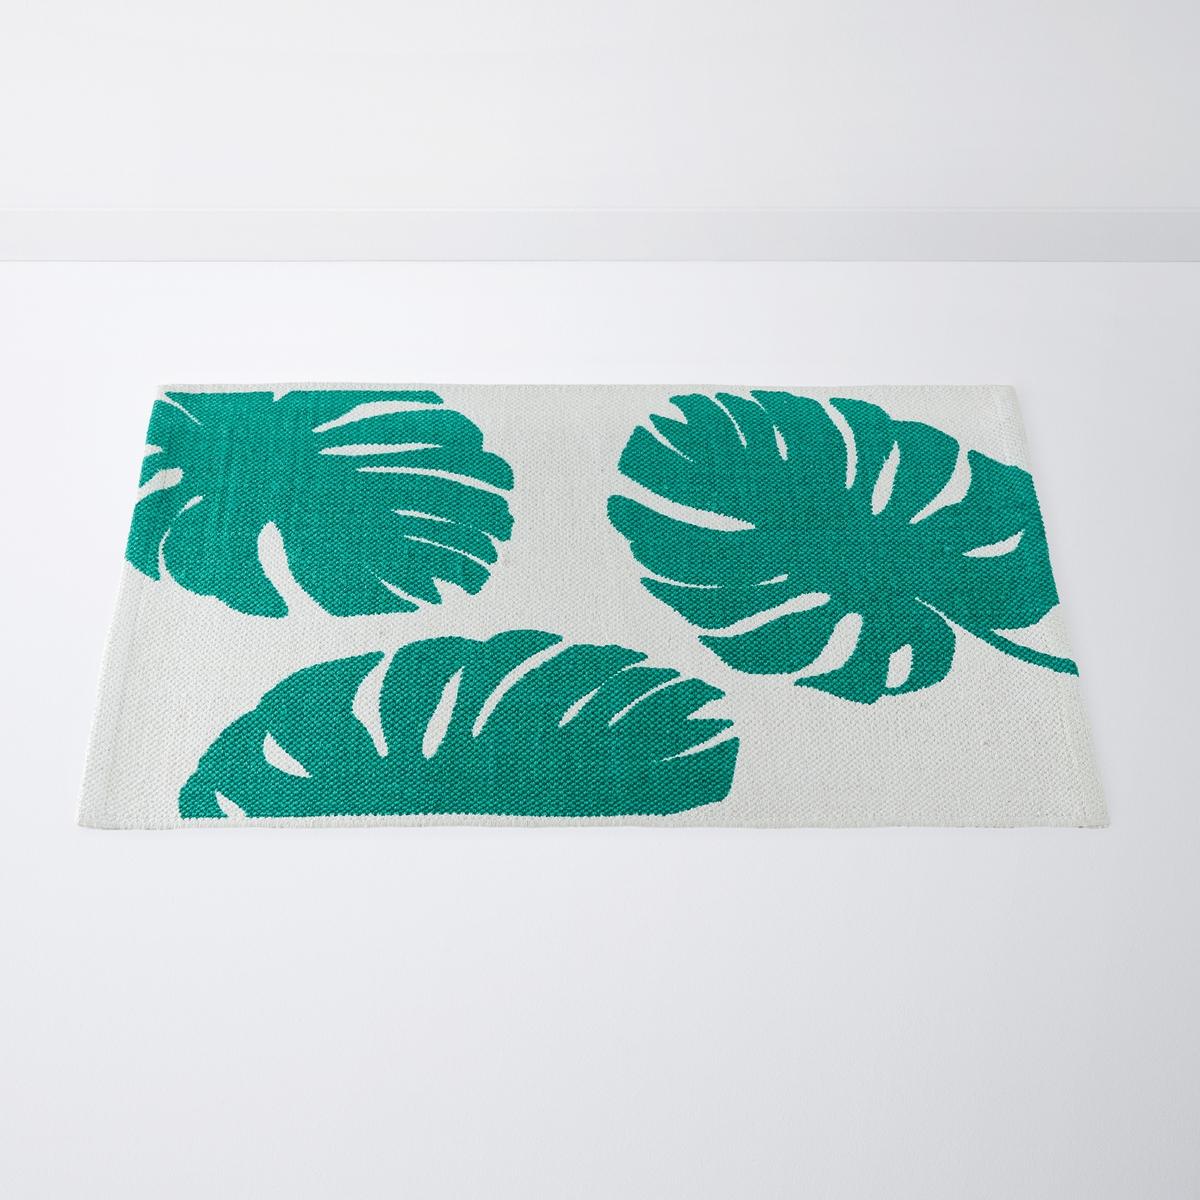 Коврик La Redoute Для ванной хлопок BRAZILIA 50 x 70 см белый коврик для ванной доляна собака 3105610 бежевый 50 х 70 см